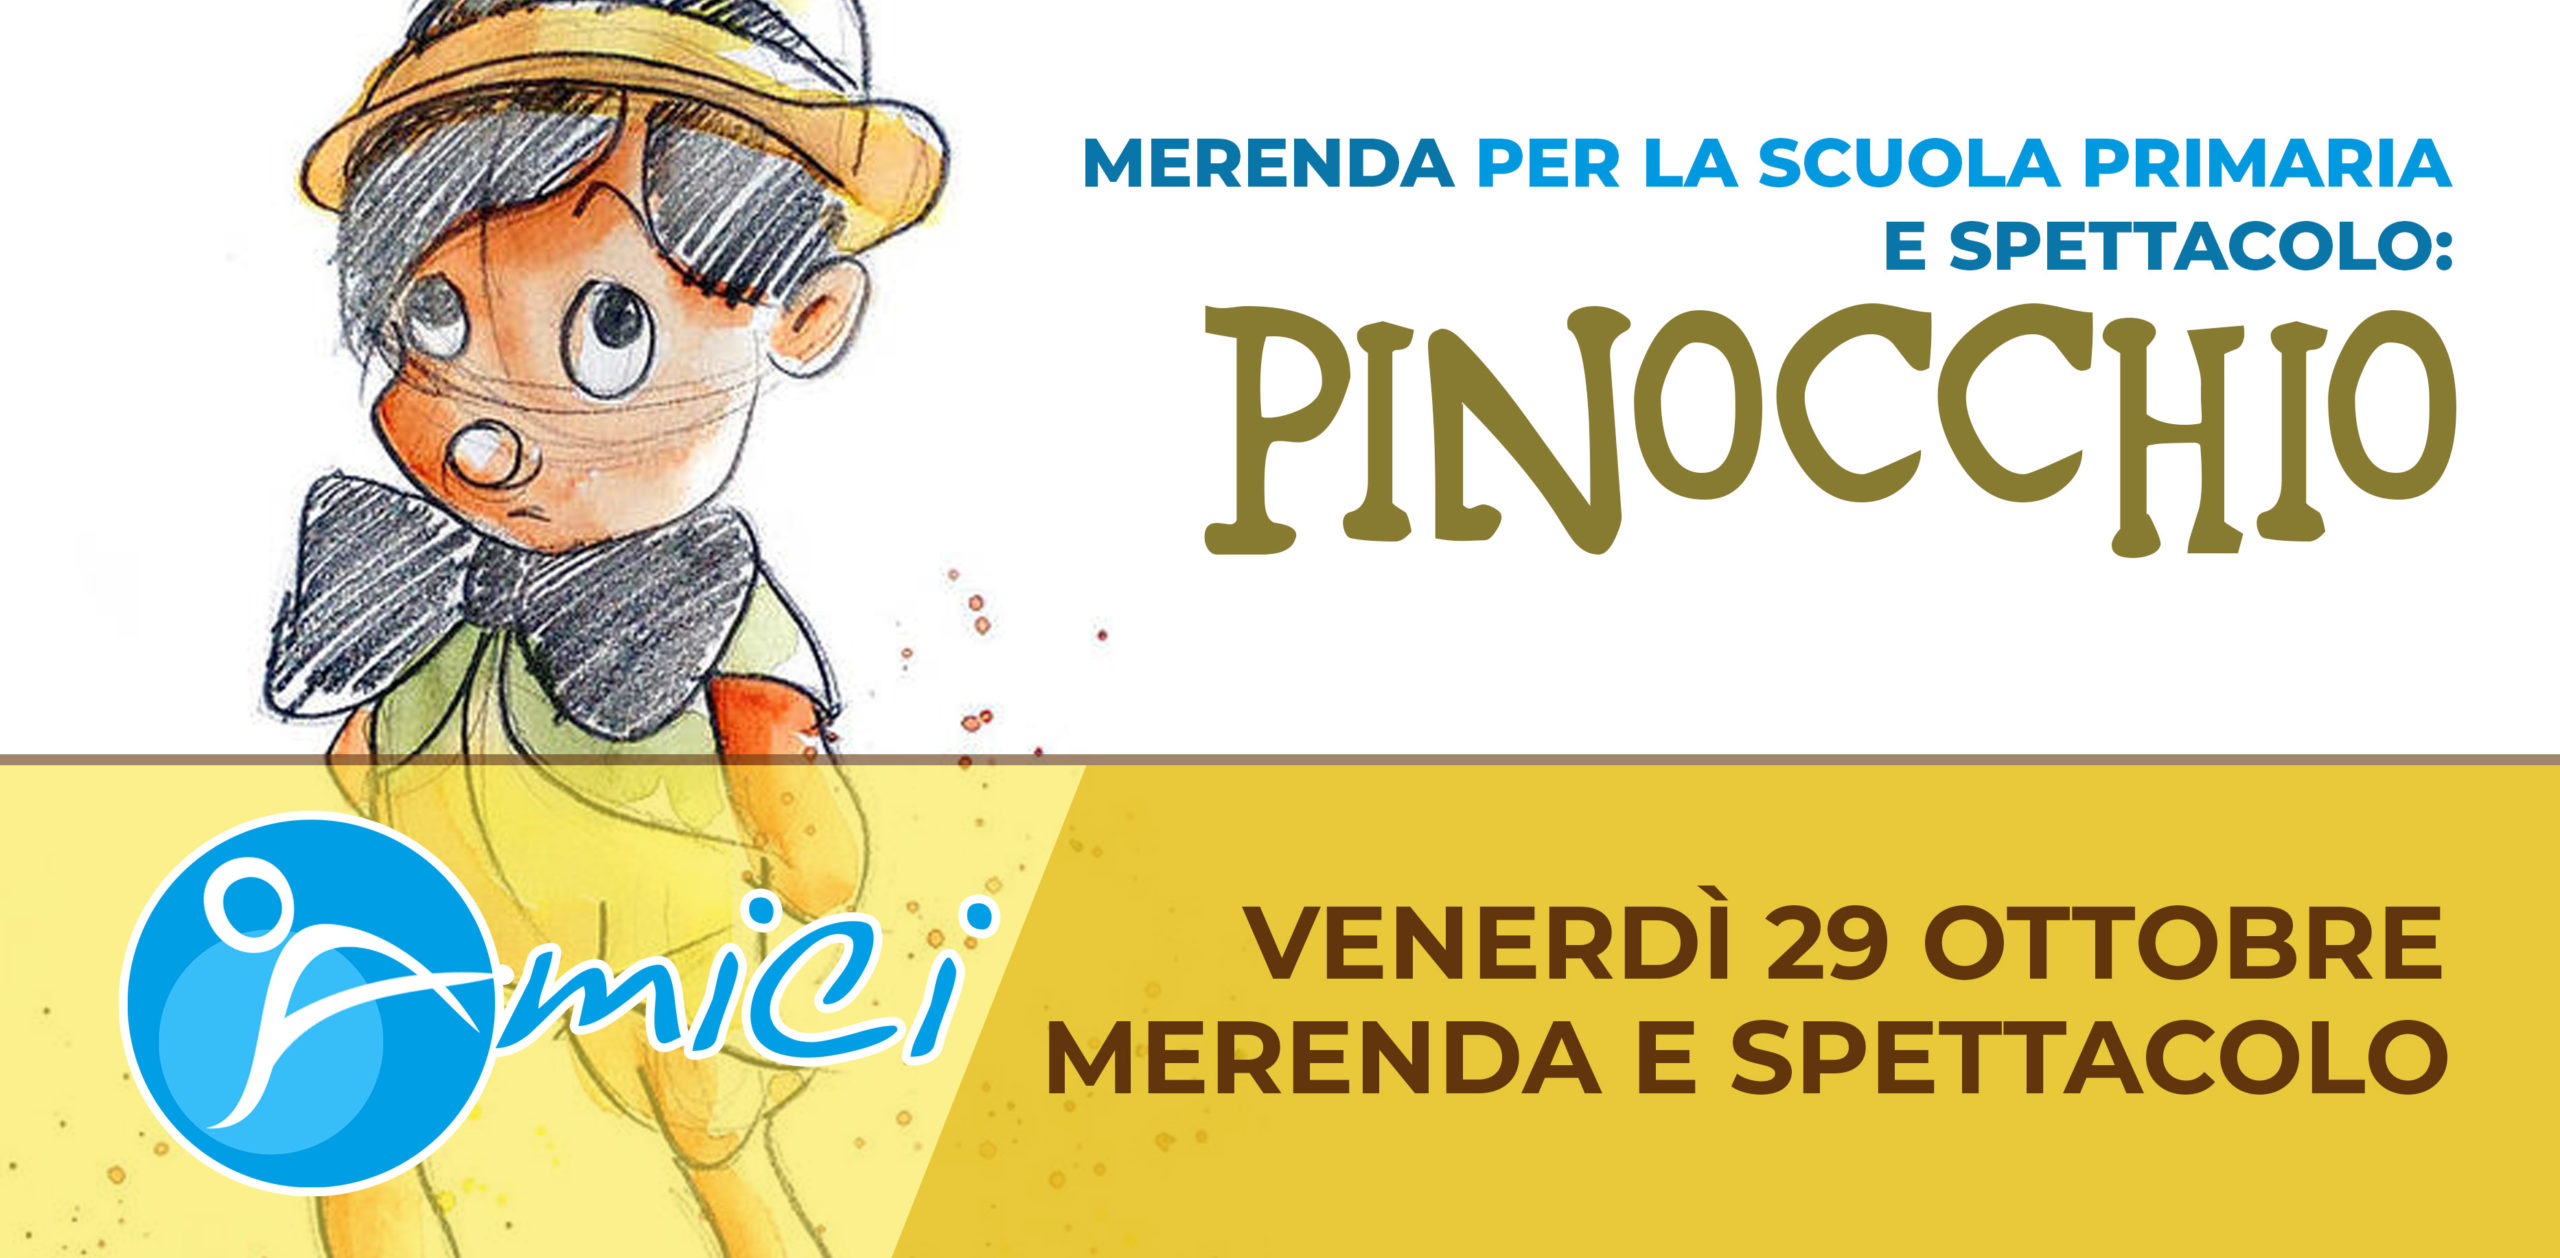 """Merenda e spettacolo """"Pinocchio"""" per la Scuola Primaria"""